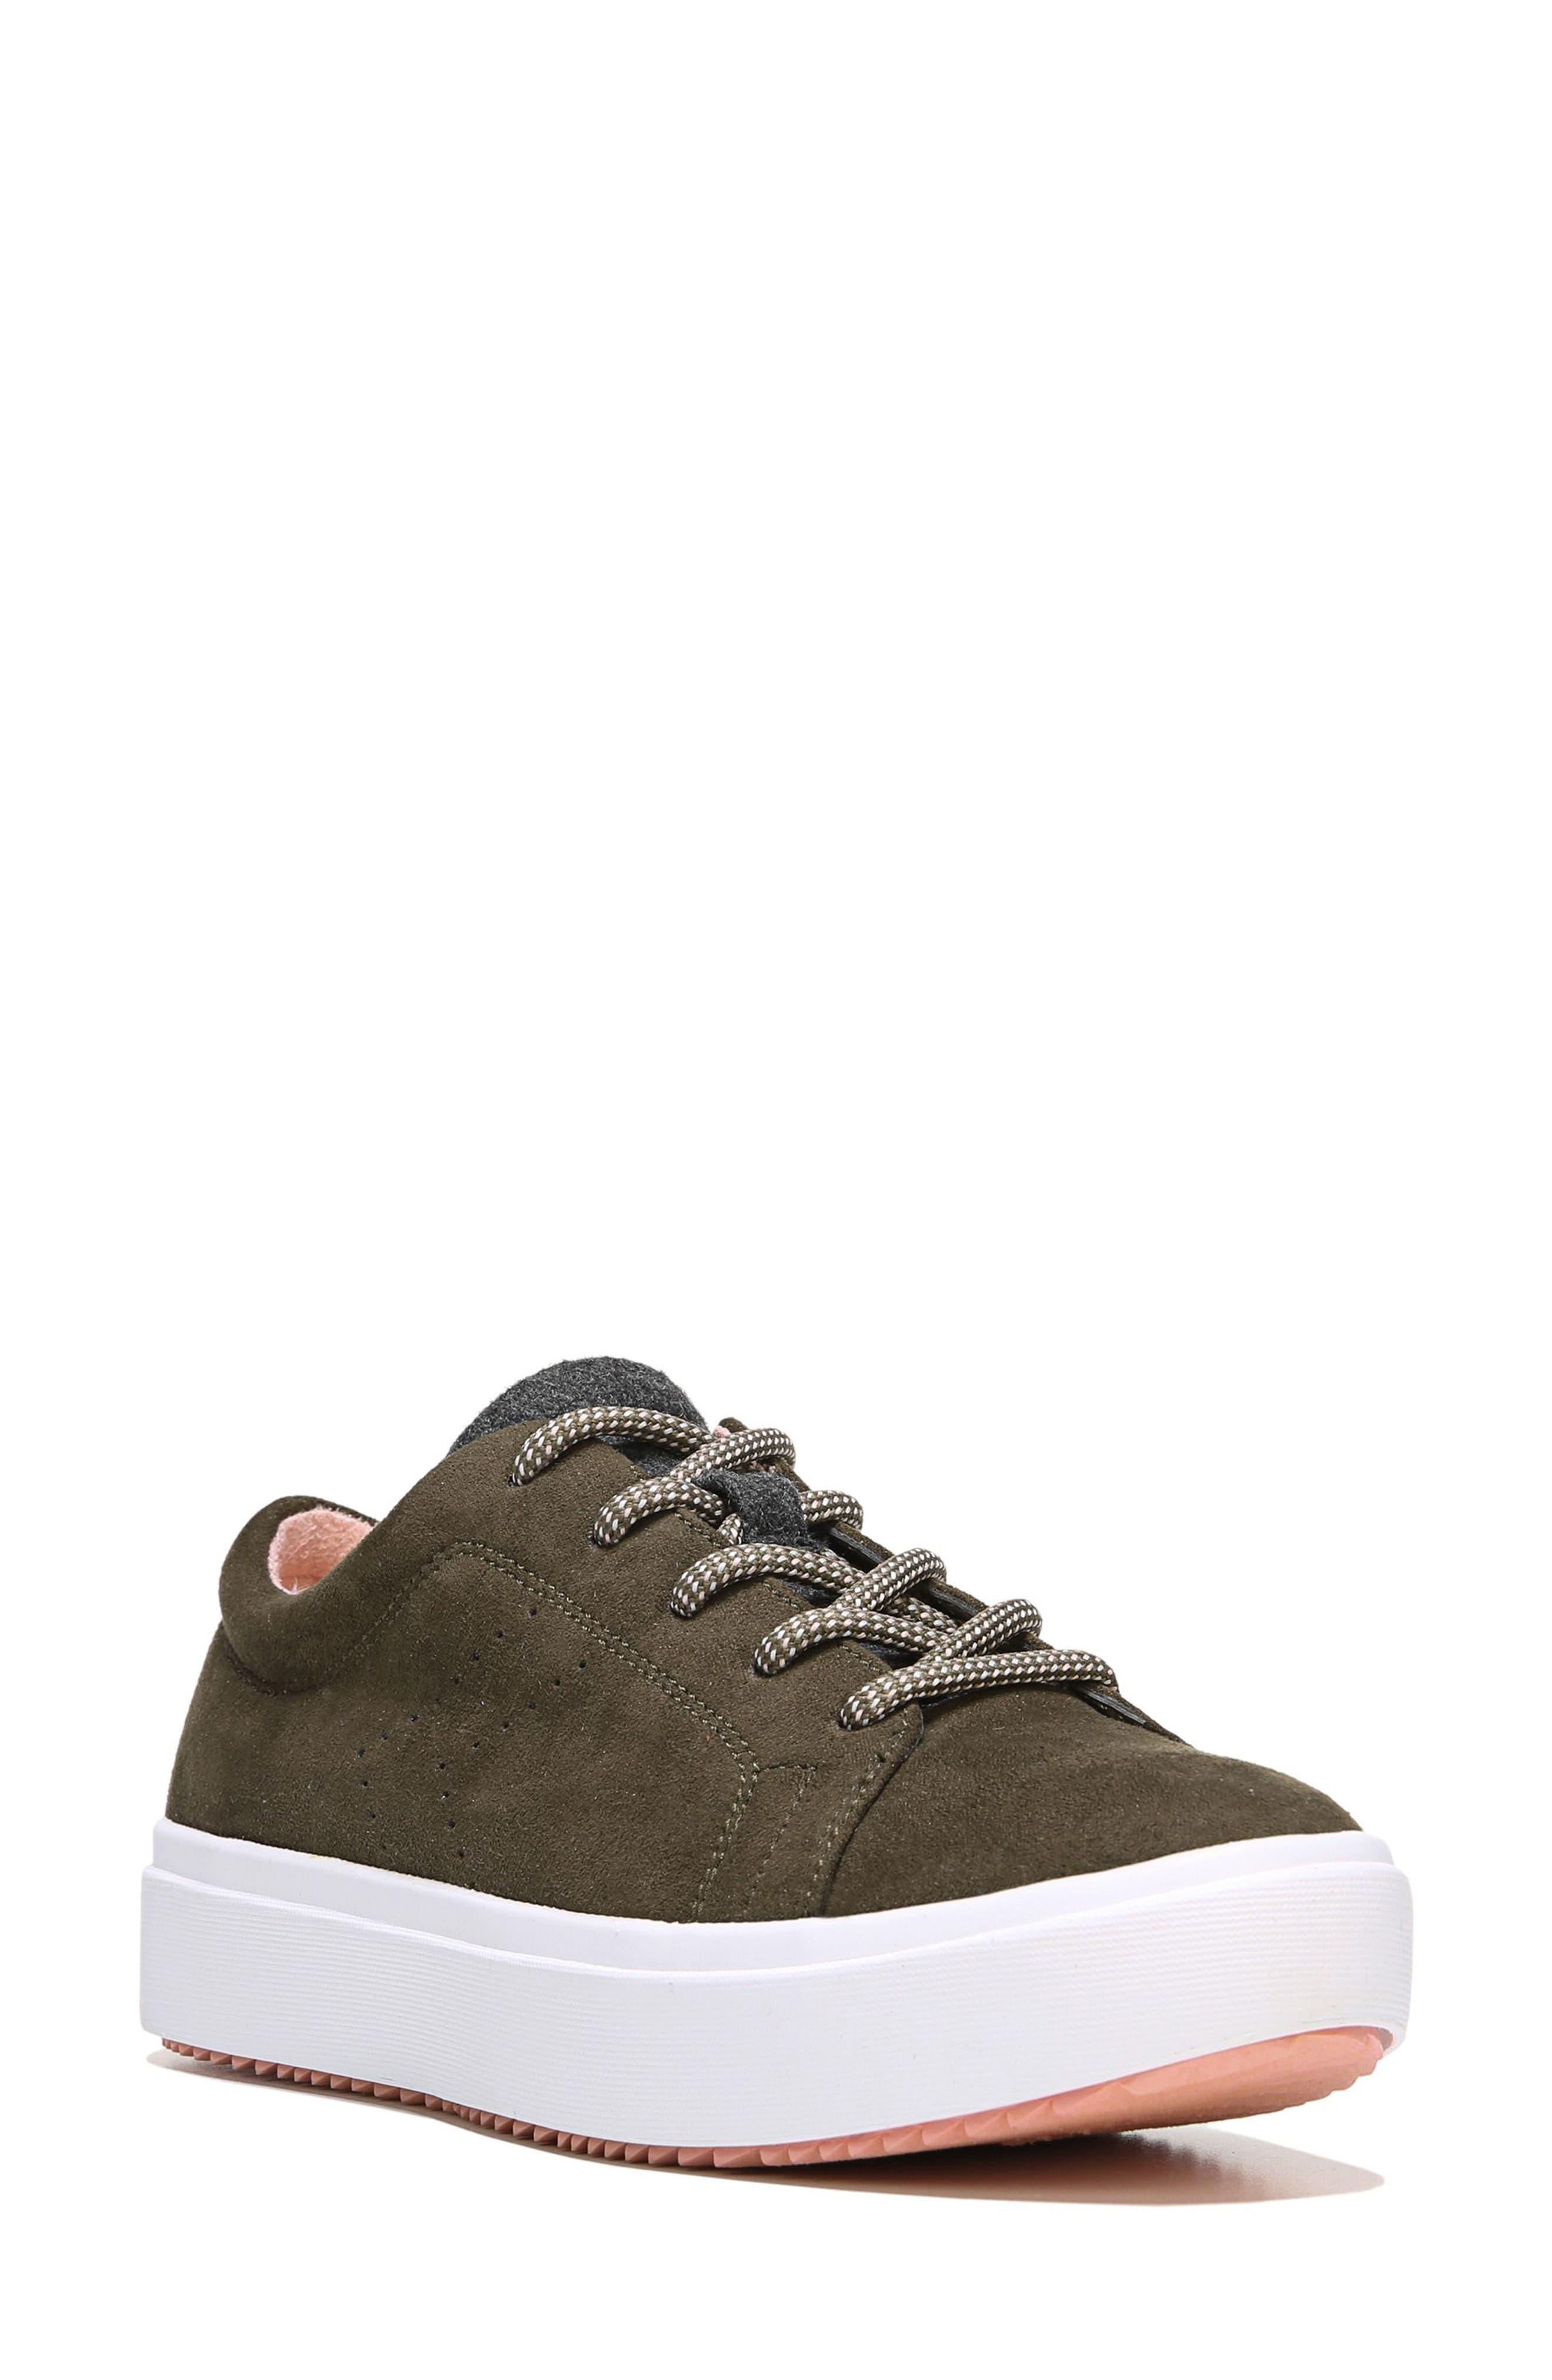 Wander Sneaker,                         Main,                         color, 020